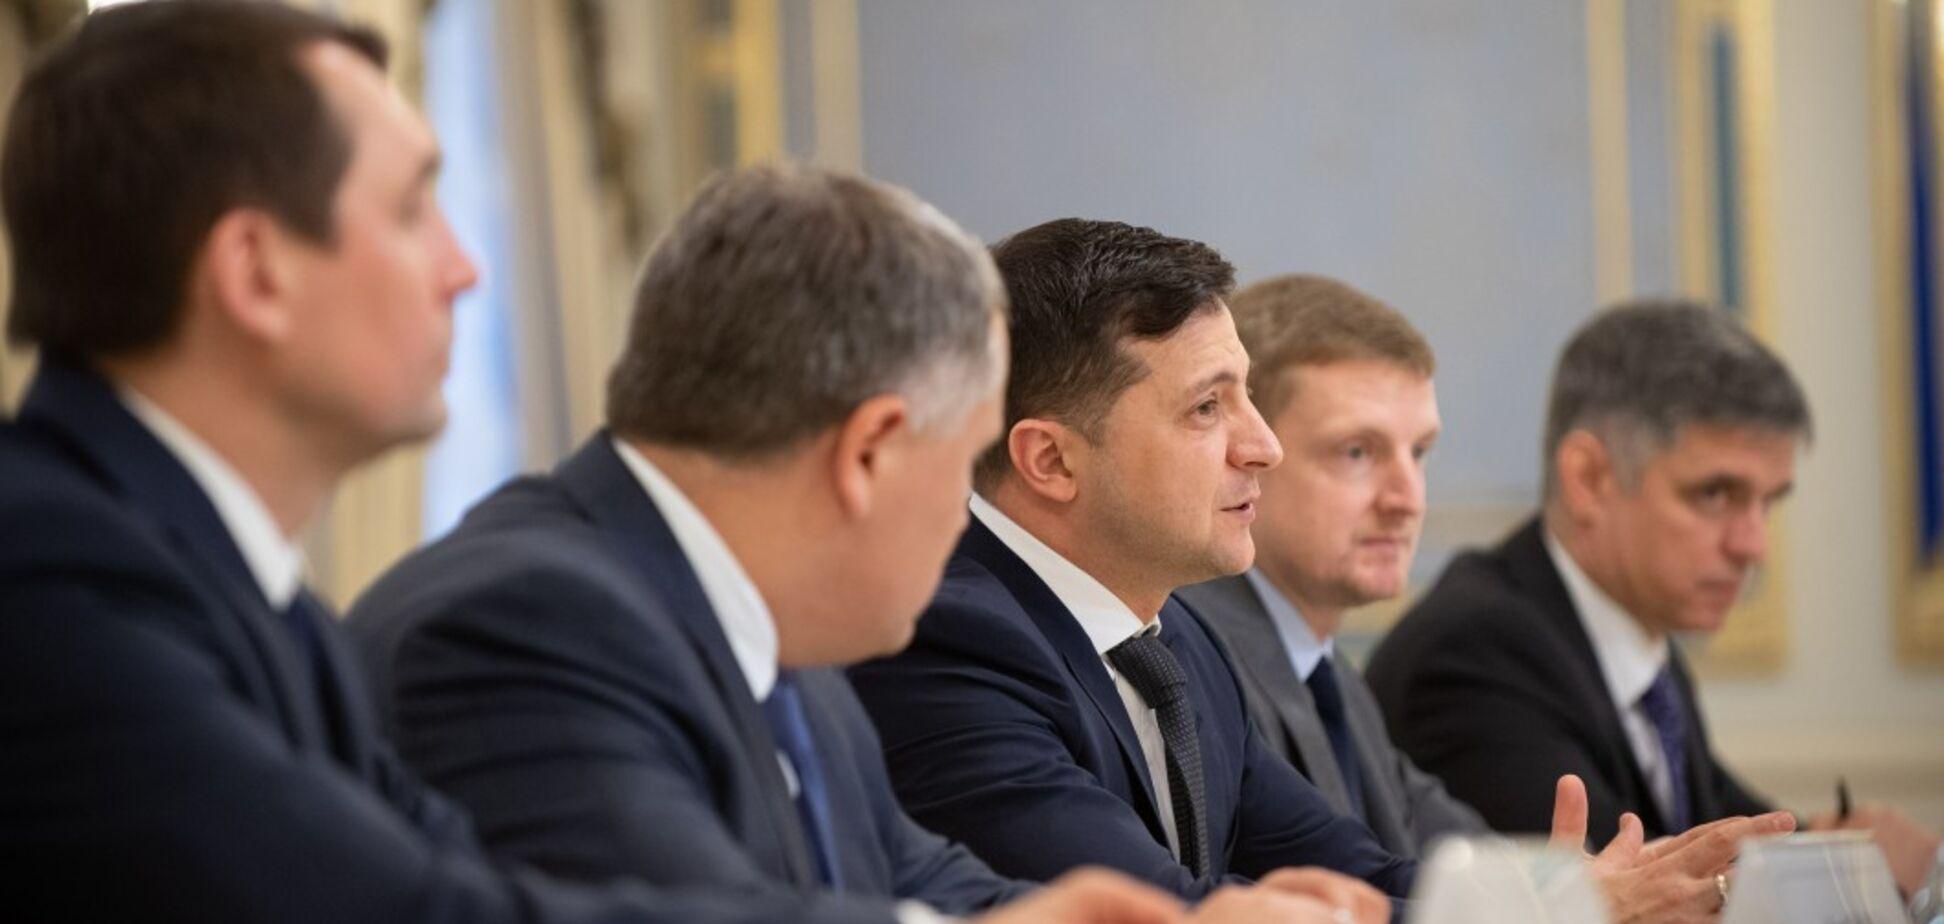 Промышленный безвиз и общее авиапространство: Украина и ЕС договорились о сотрудничестве